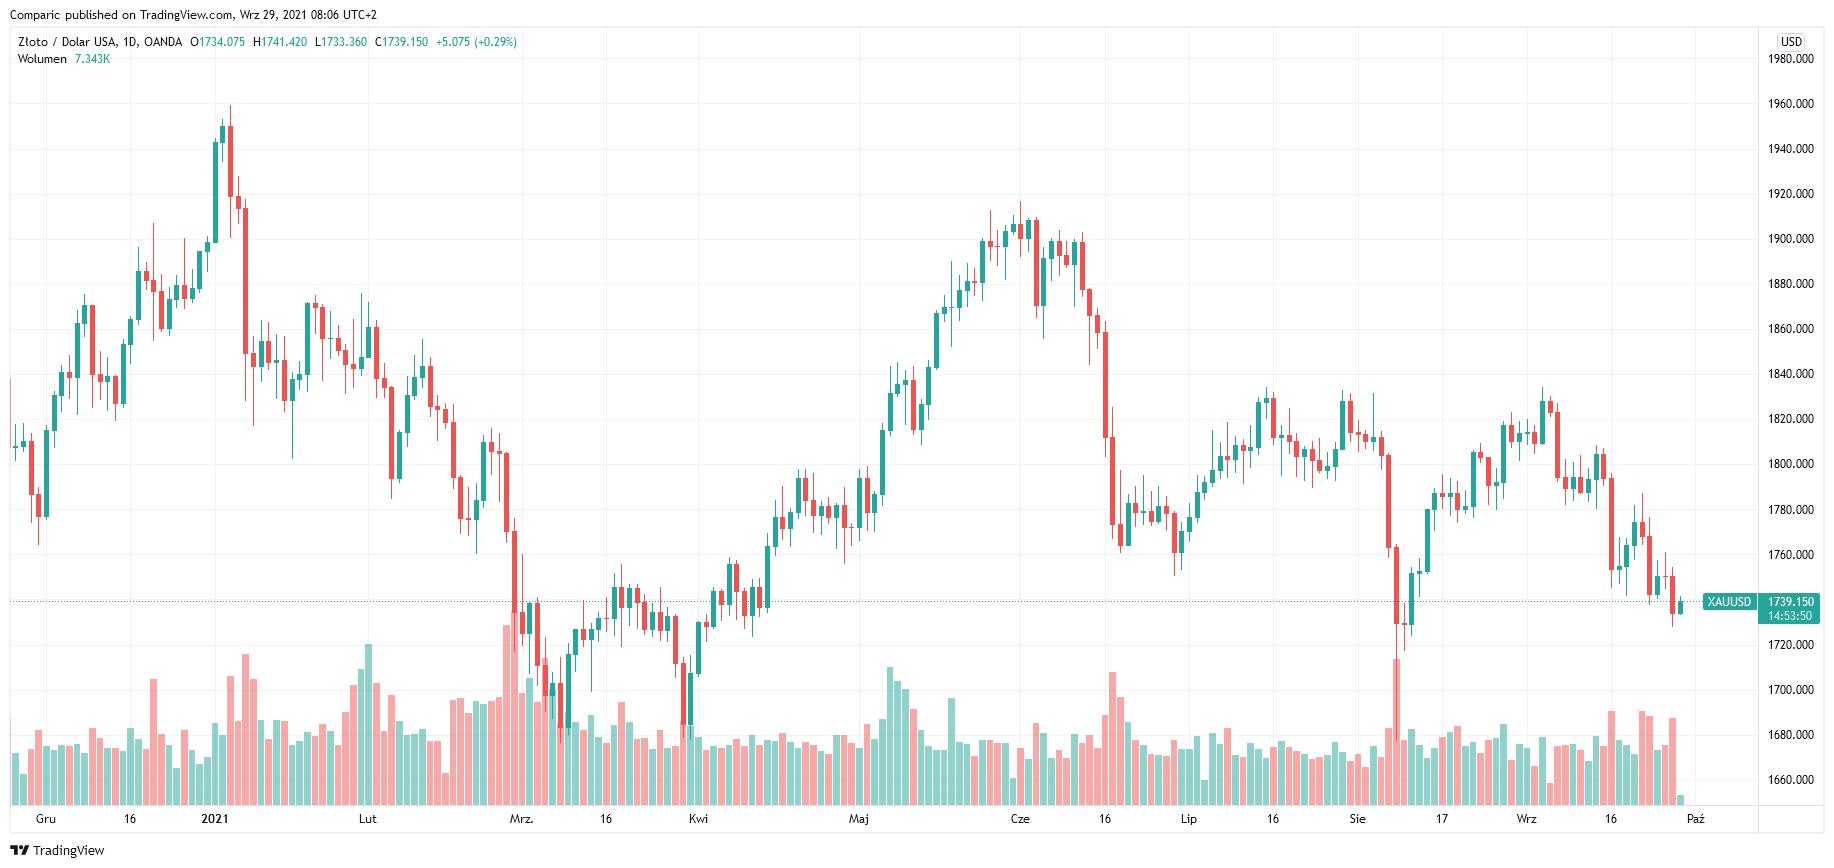 Cena złota odbija w górę w środę mimo presji rosnącej rentowności obligacji